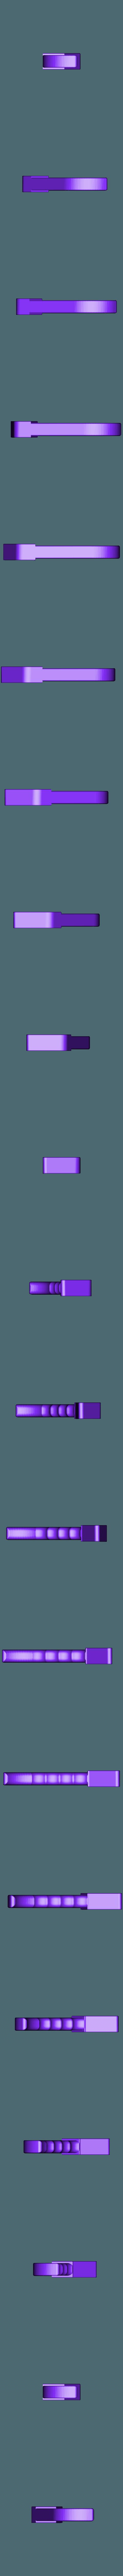 Poignée serre joint.STL Download free STL file Handle clamp plastic seal • 3D printing model, LLH